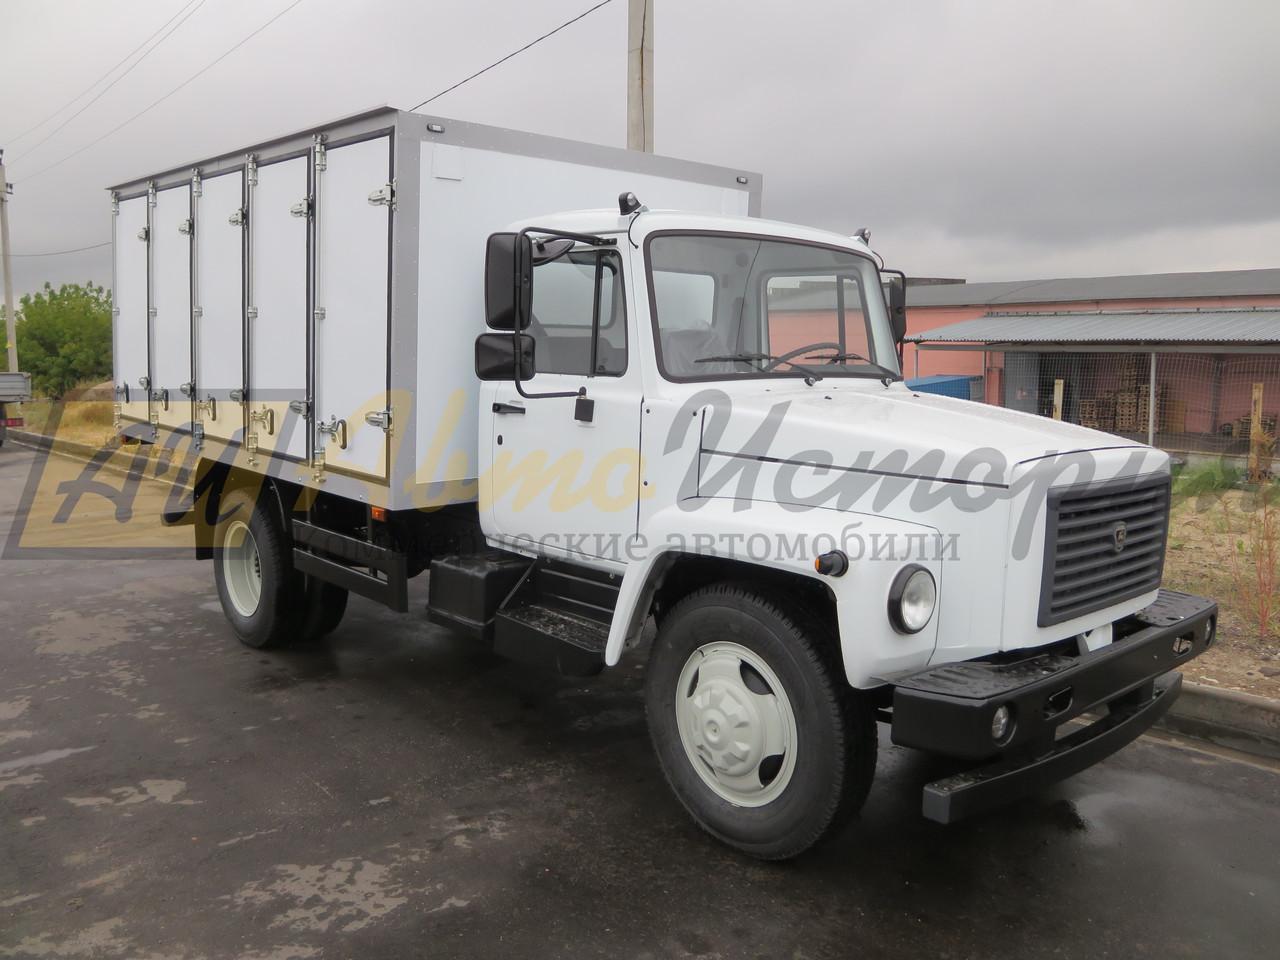 Газ 3309. Хлебный фургон (200 лотков).